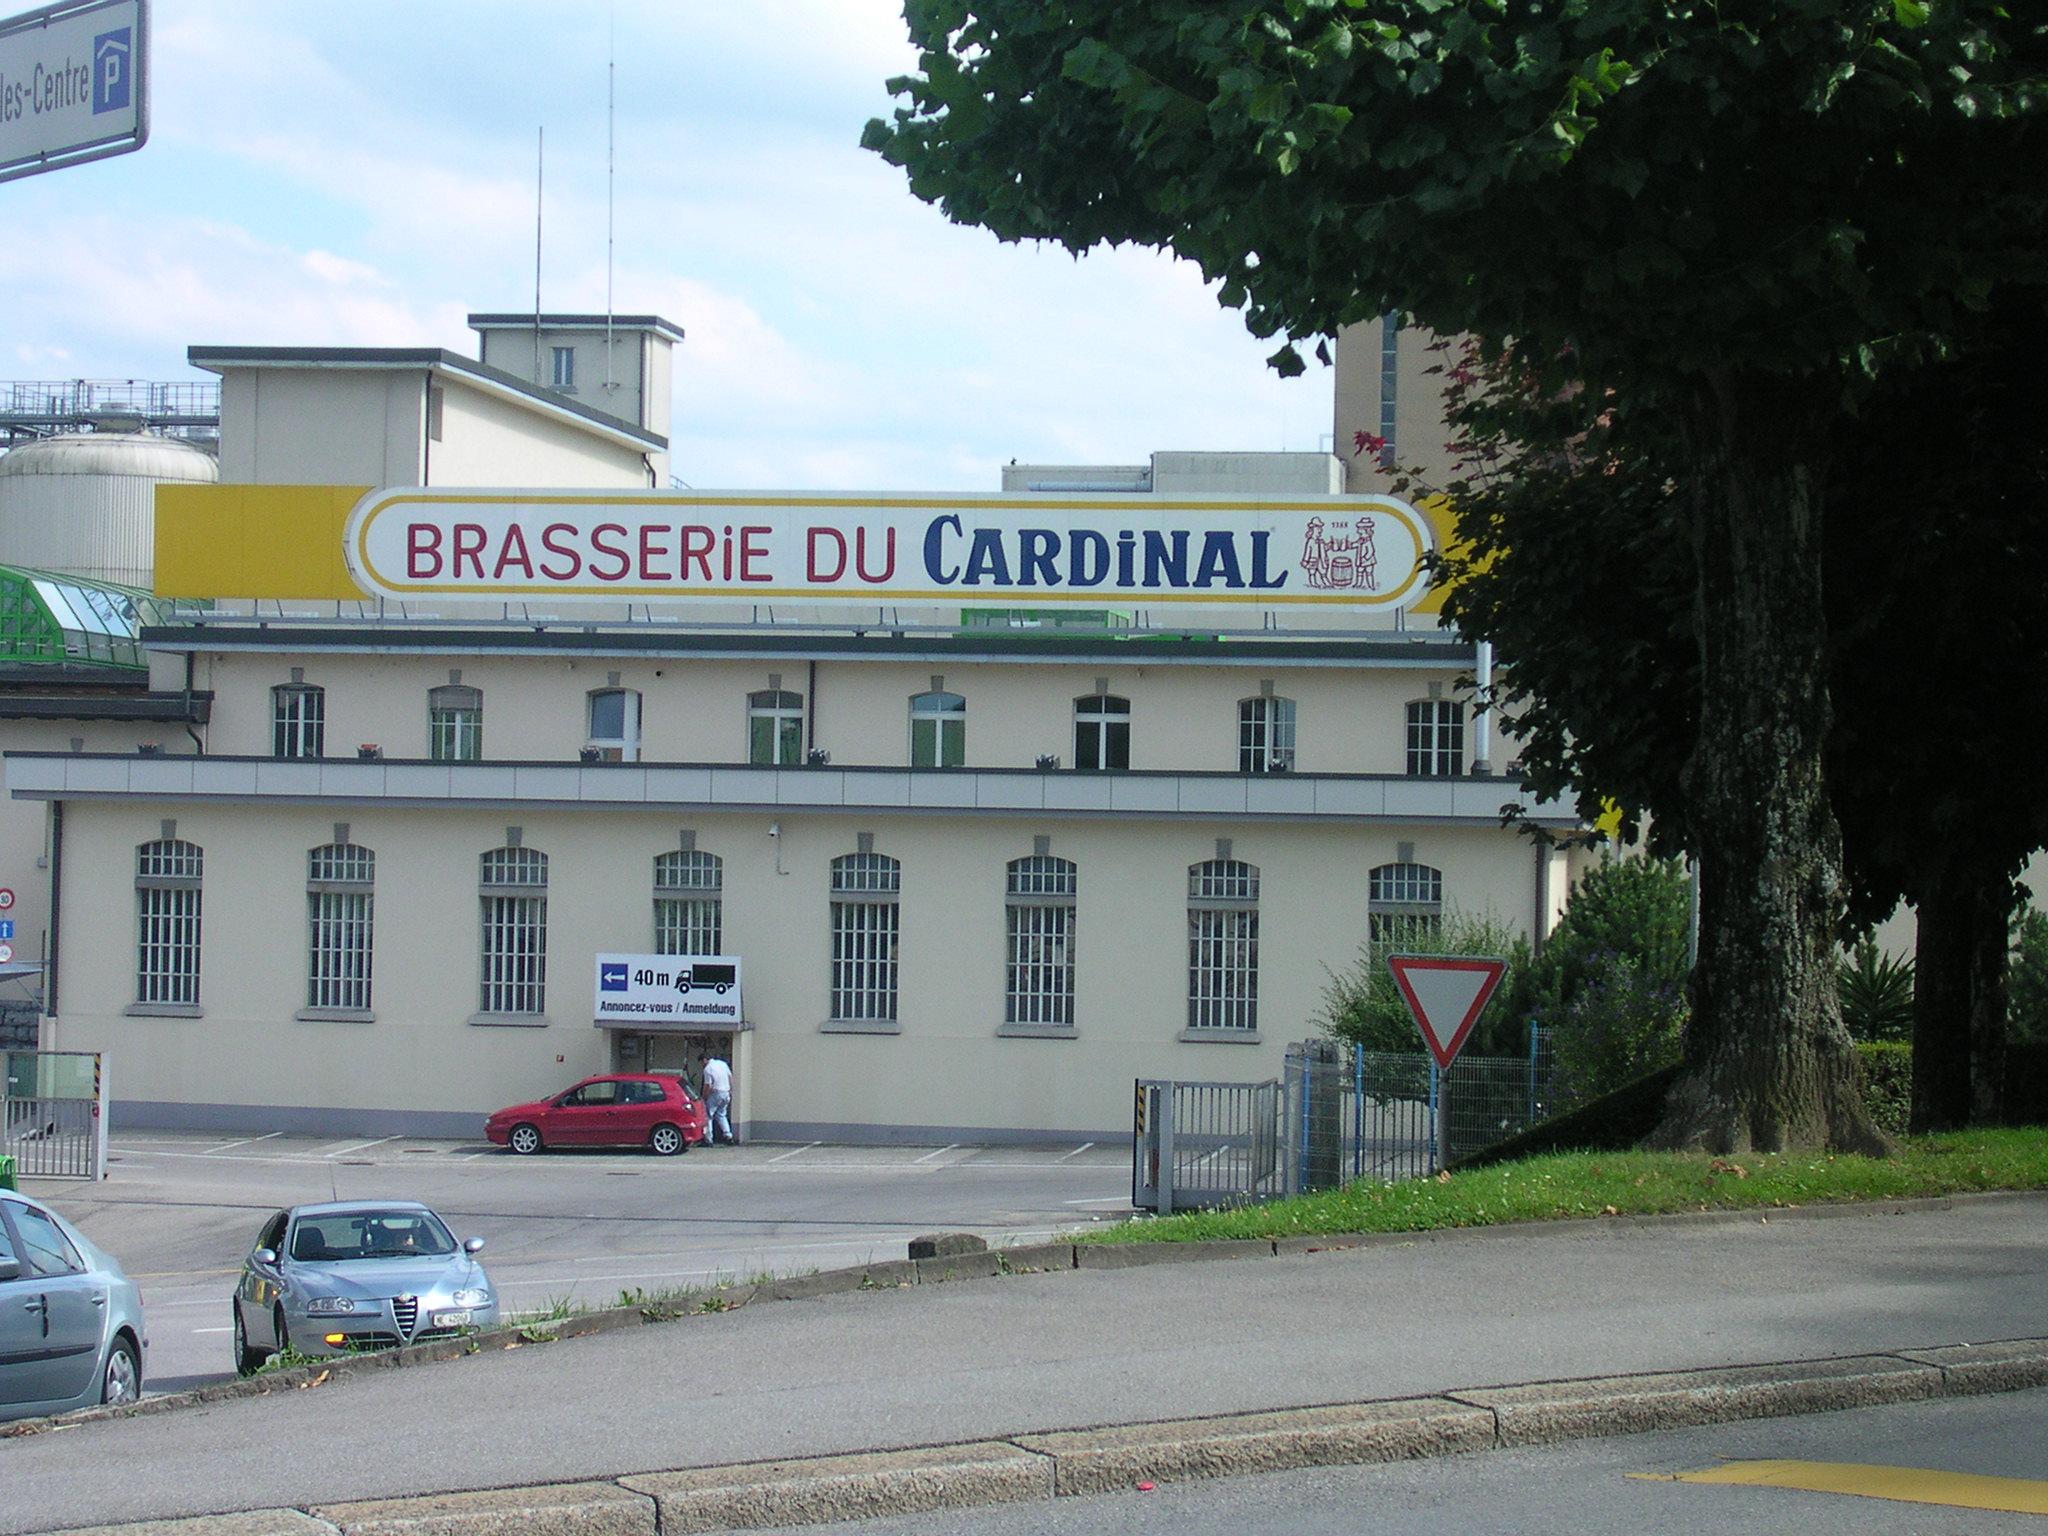 L'antica Brasserie di cardinal, storica fabbrica di birra chiusa nel 2012